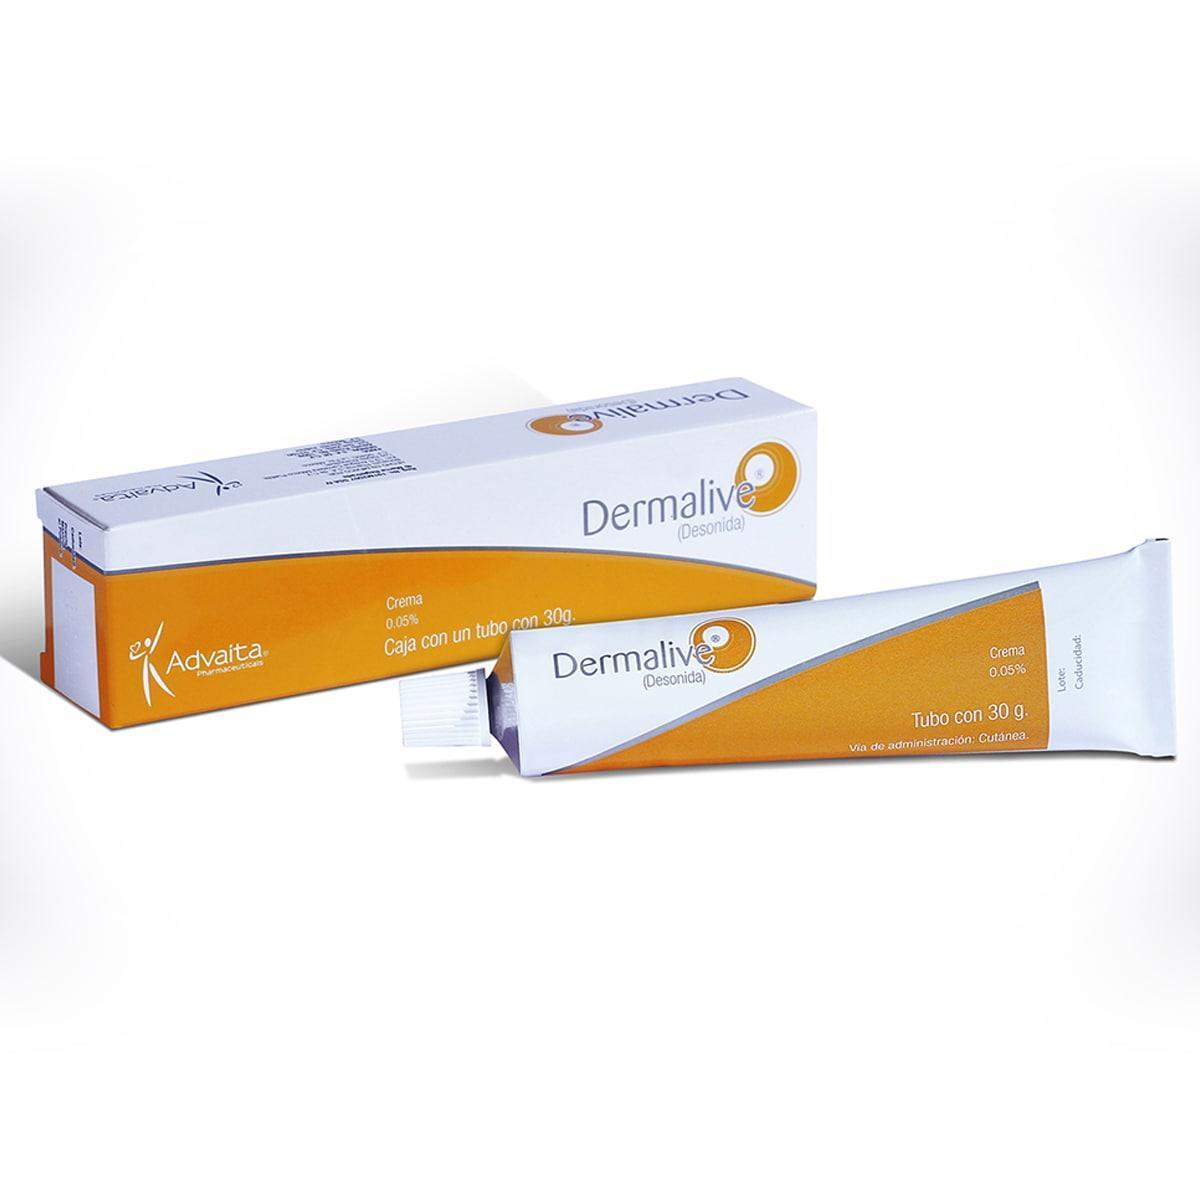 Dermalive Crema Desonida .05% 30 Gr